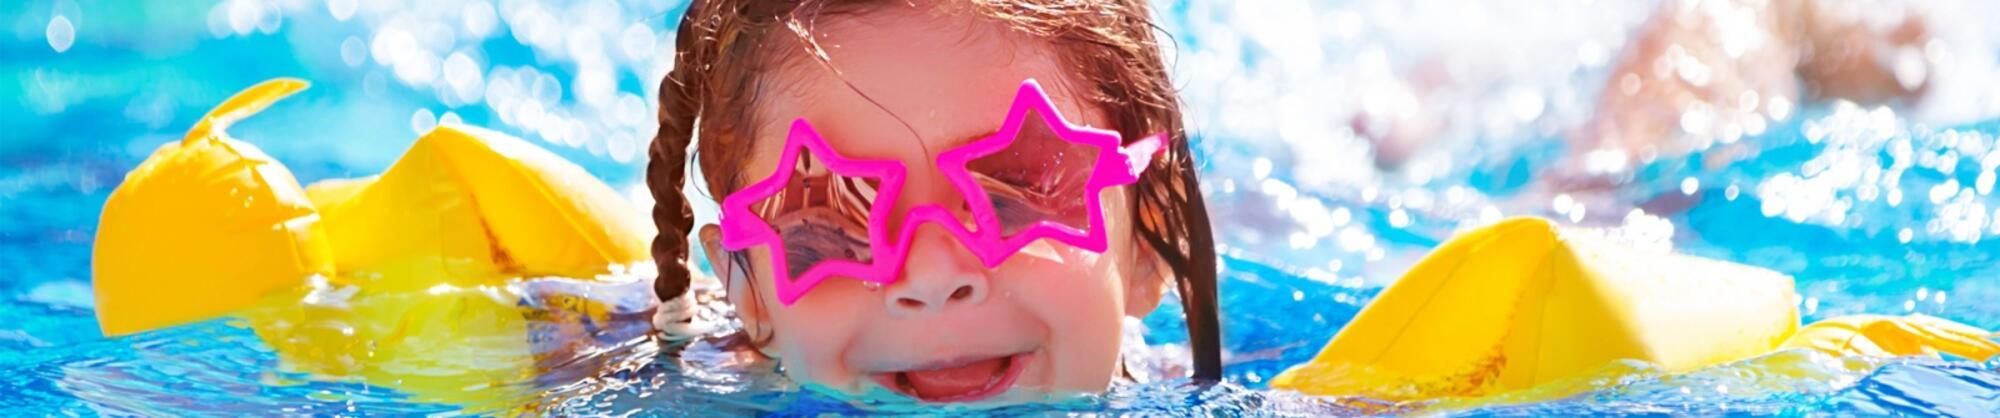 Offre 15 Août à Rimini GRAND FETE - Vacances TOUT ENCLUE à l'hôtel 3 étoiles